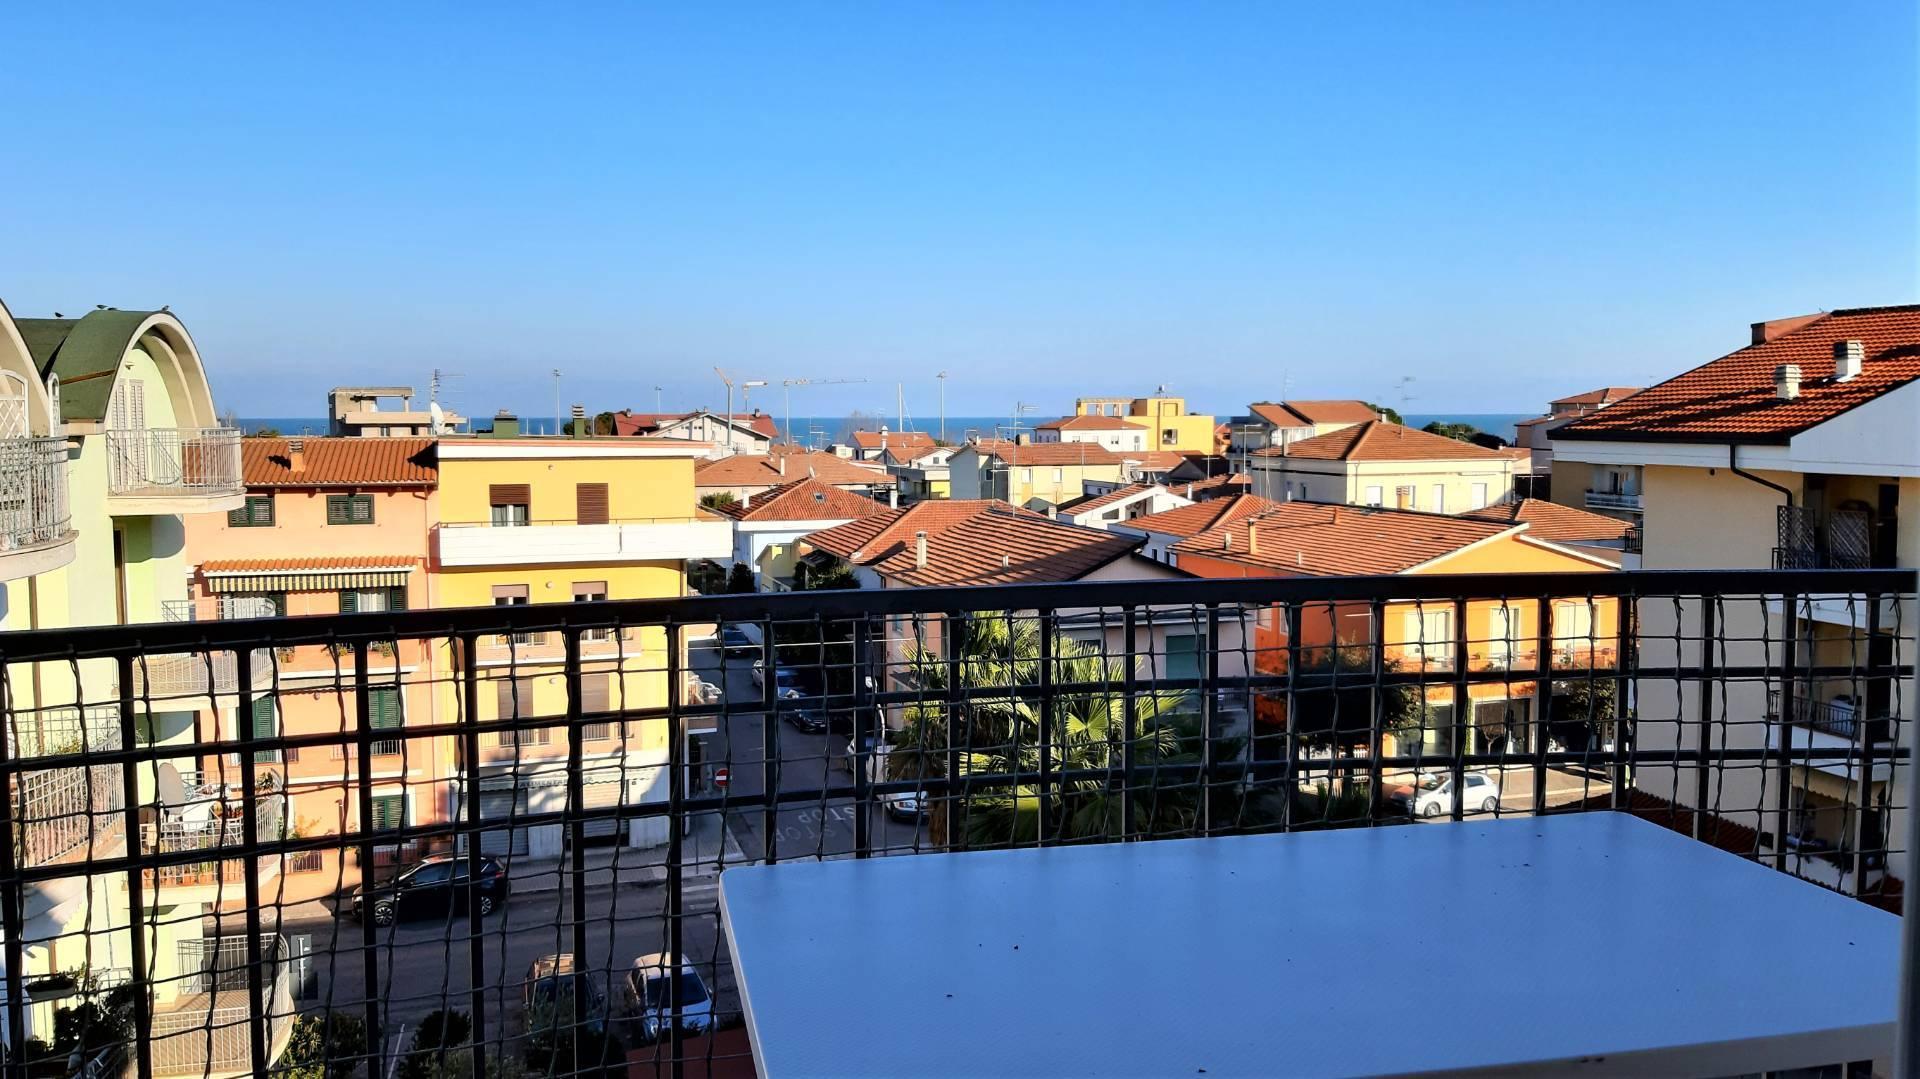 Attico / Mansarda in vendita a Giulianova, 3 locali, zona Località: LIDOCENTRO, prezzo € 115.000   PortaleAgenzieImmobiliari.it